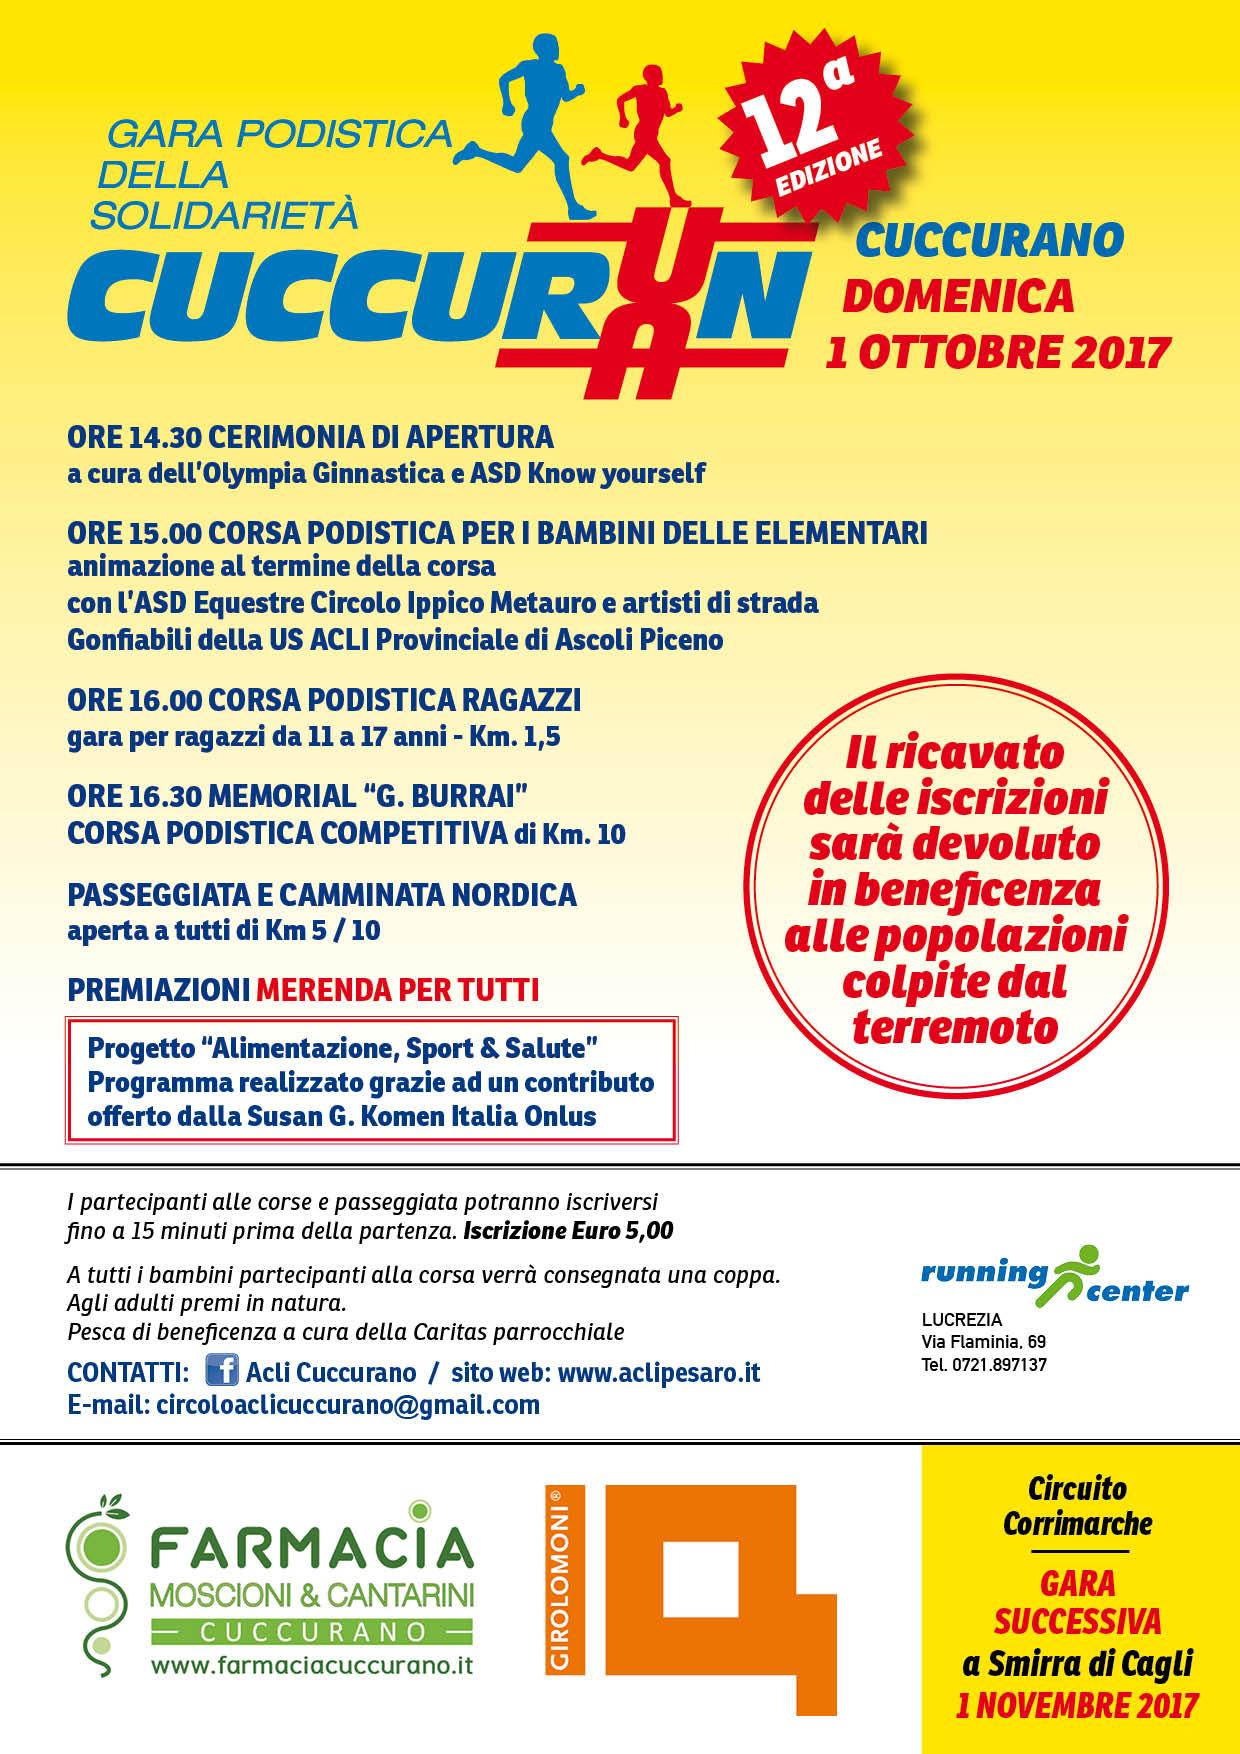 VOLANTINO retro -cuccu-run-20172 (1)